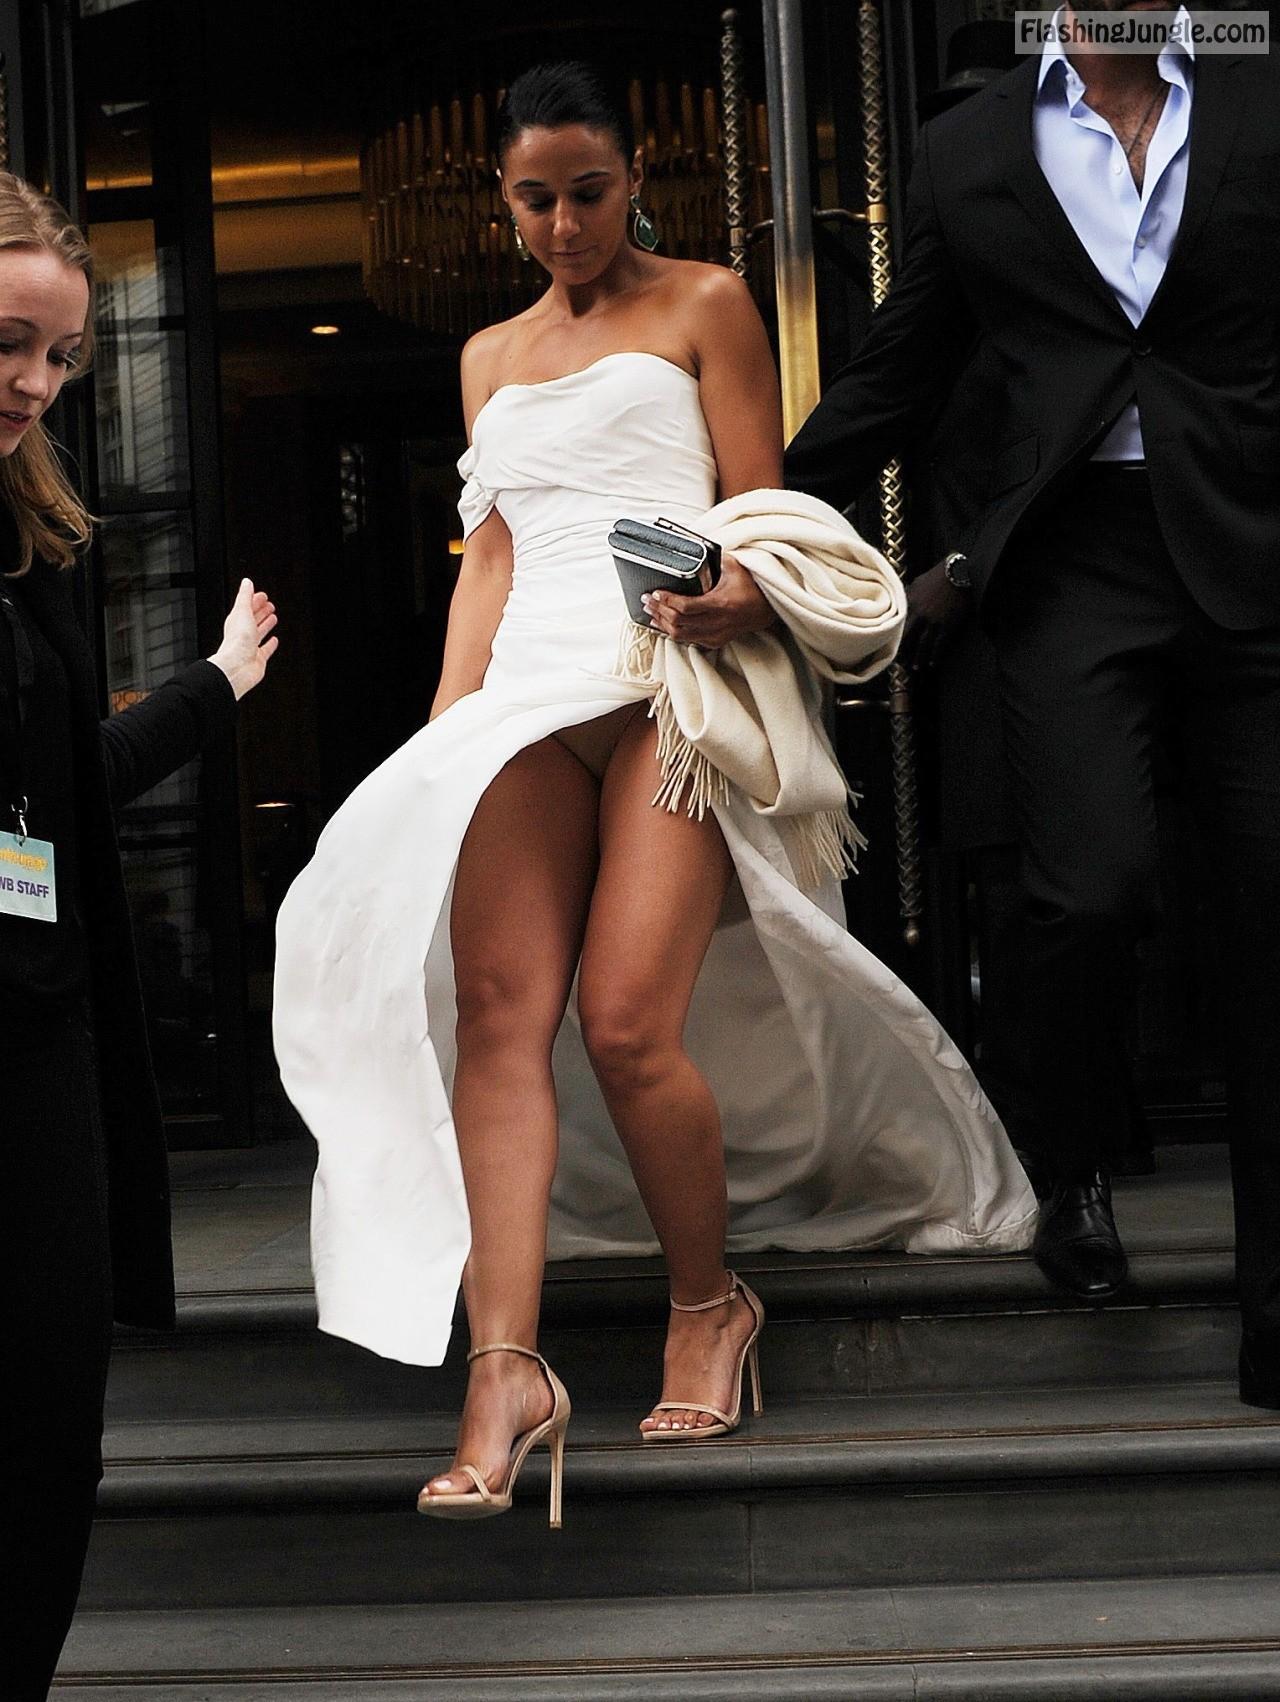 Pantyhose Wedding Dress Upskirts